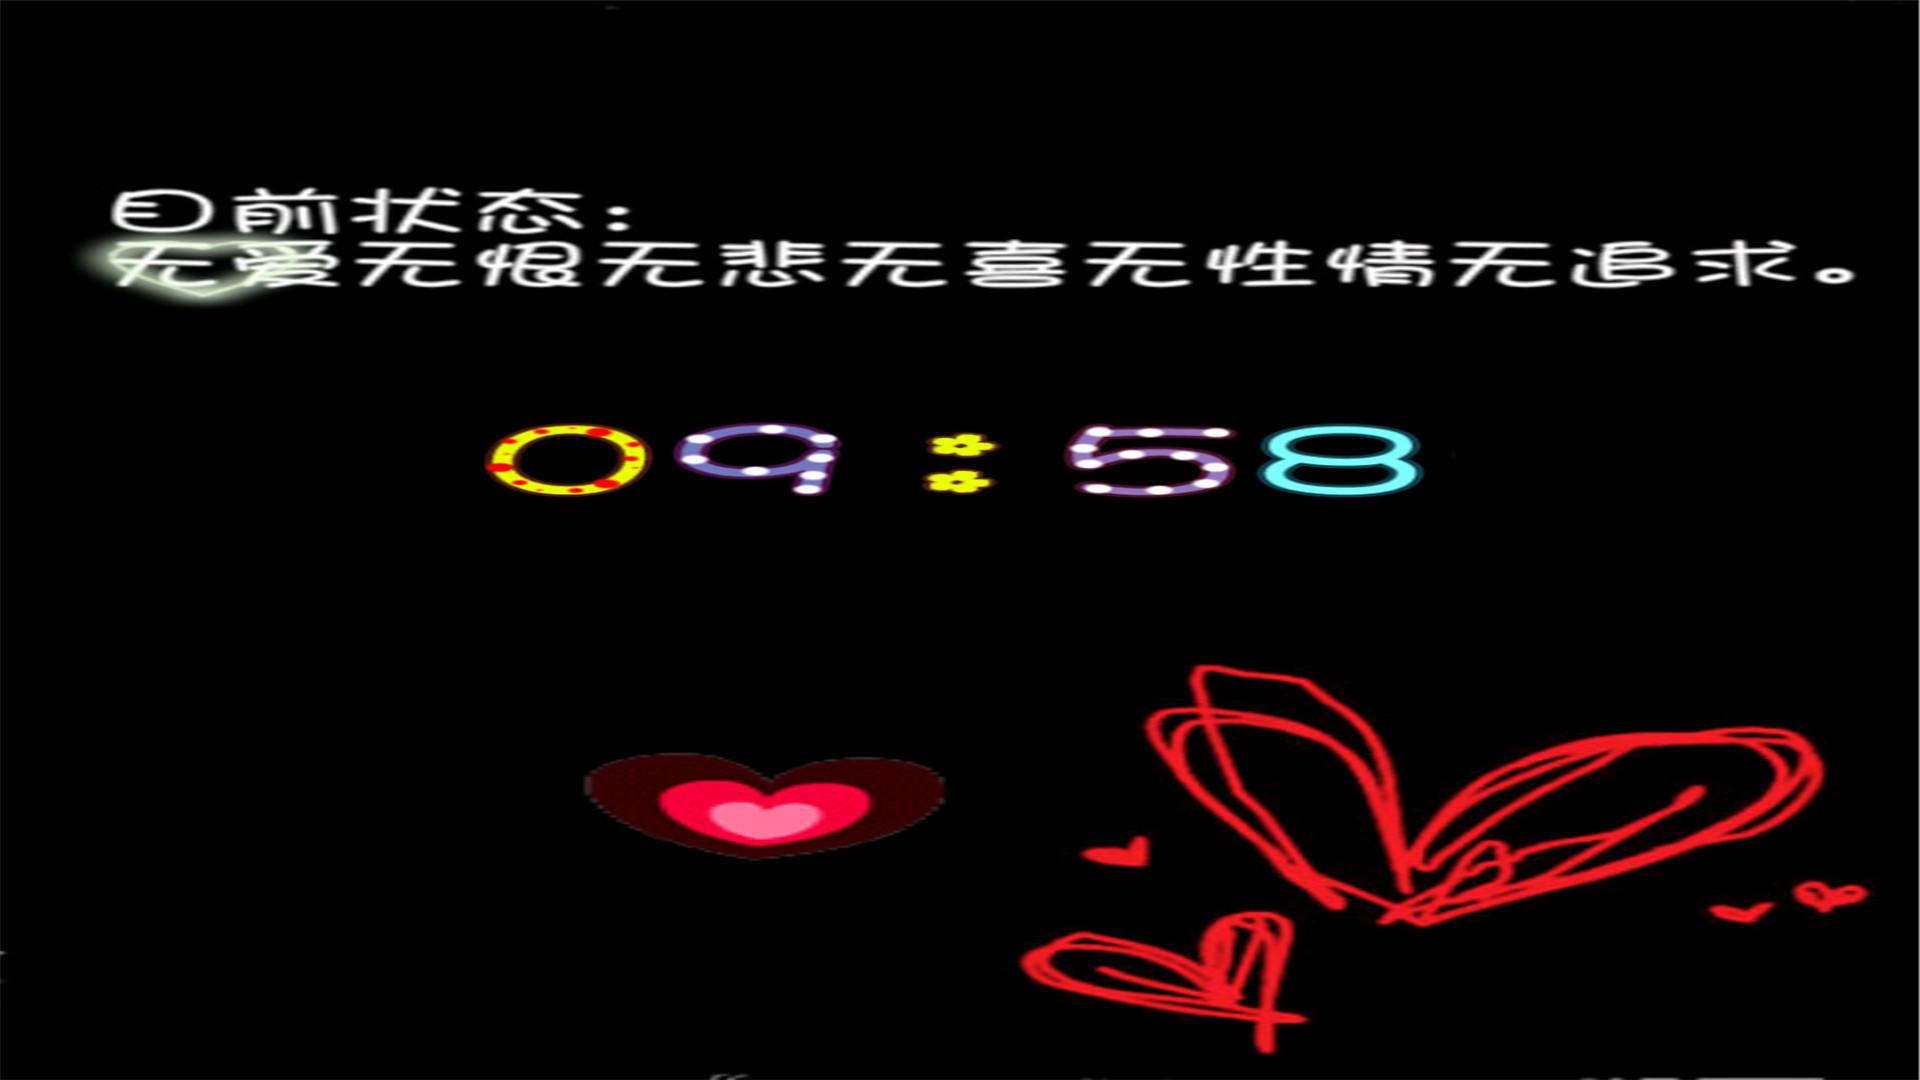 非主流黑色背景九宫格文字锁屏